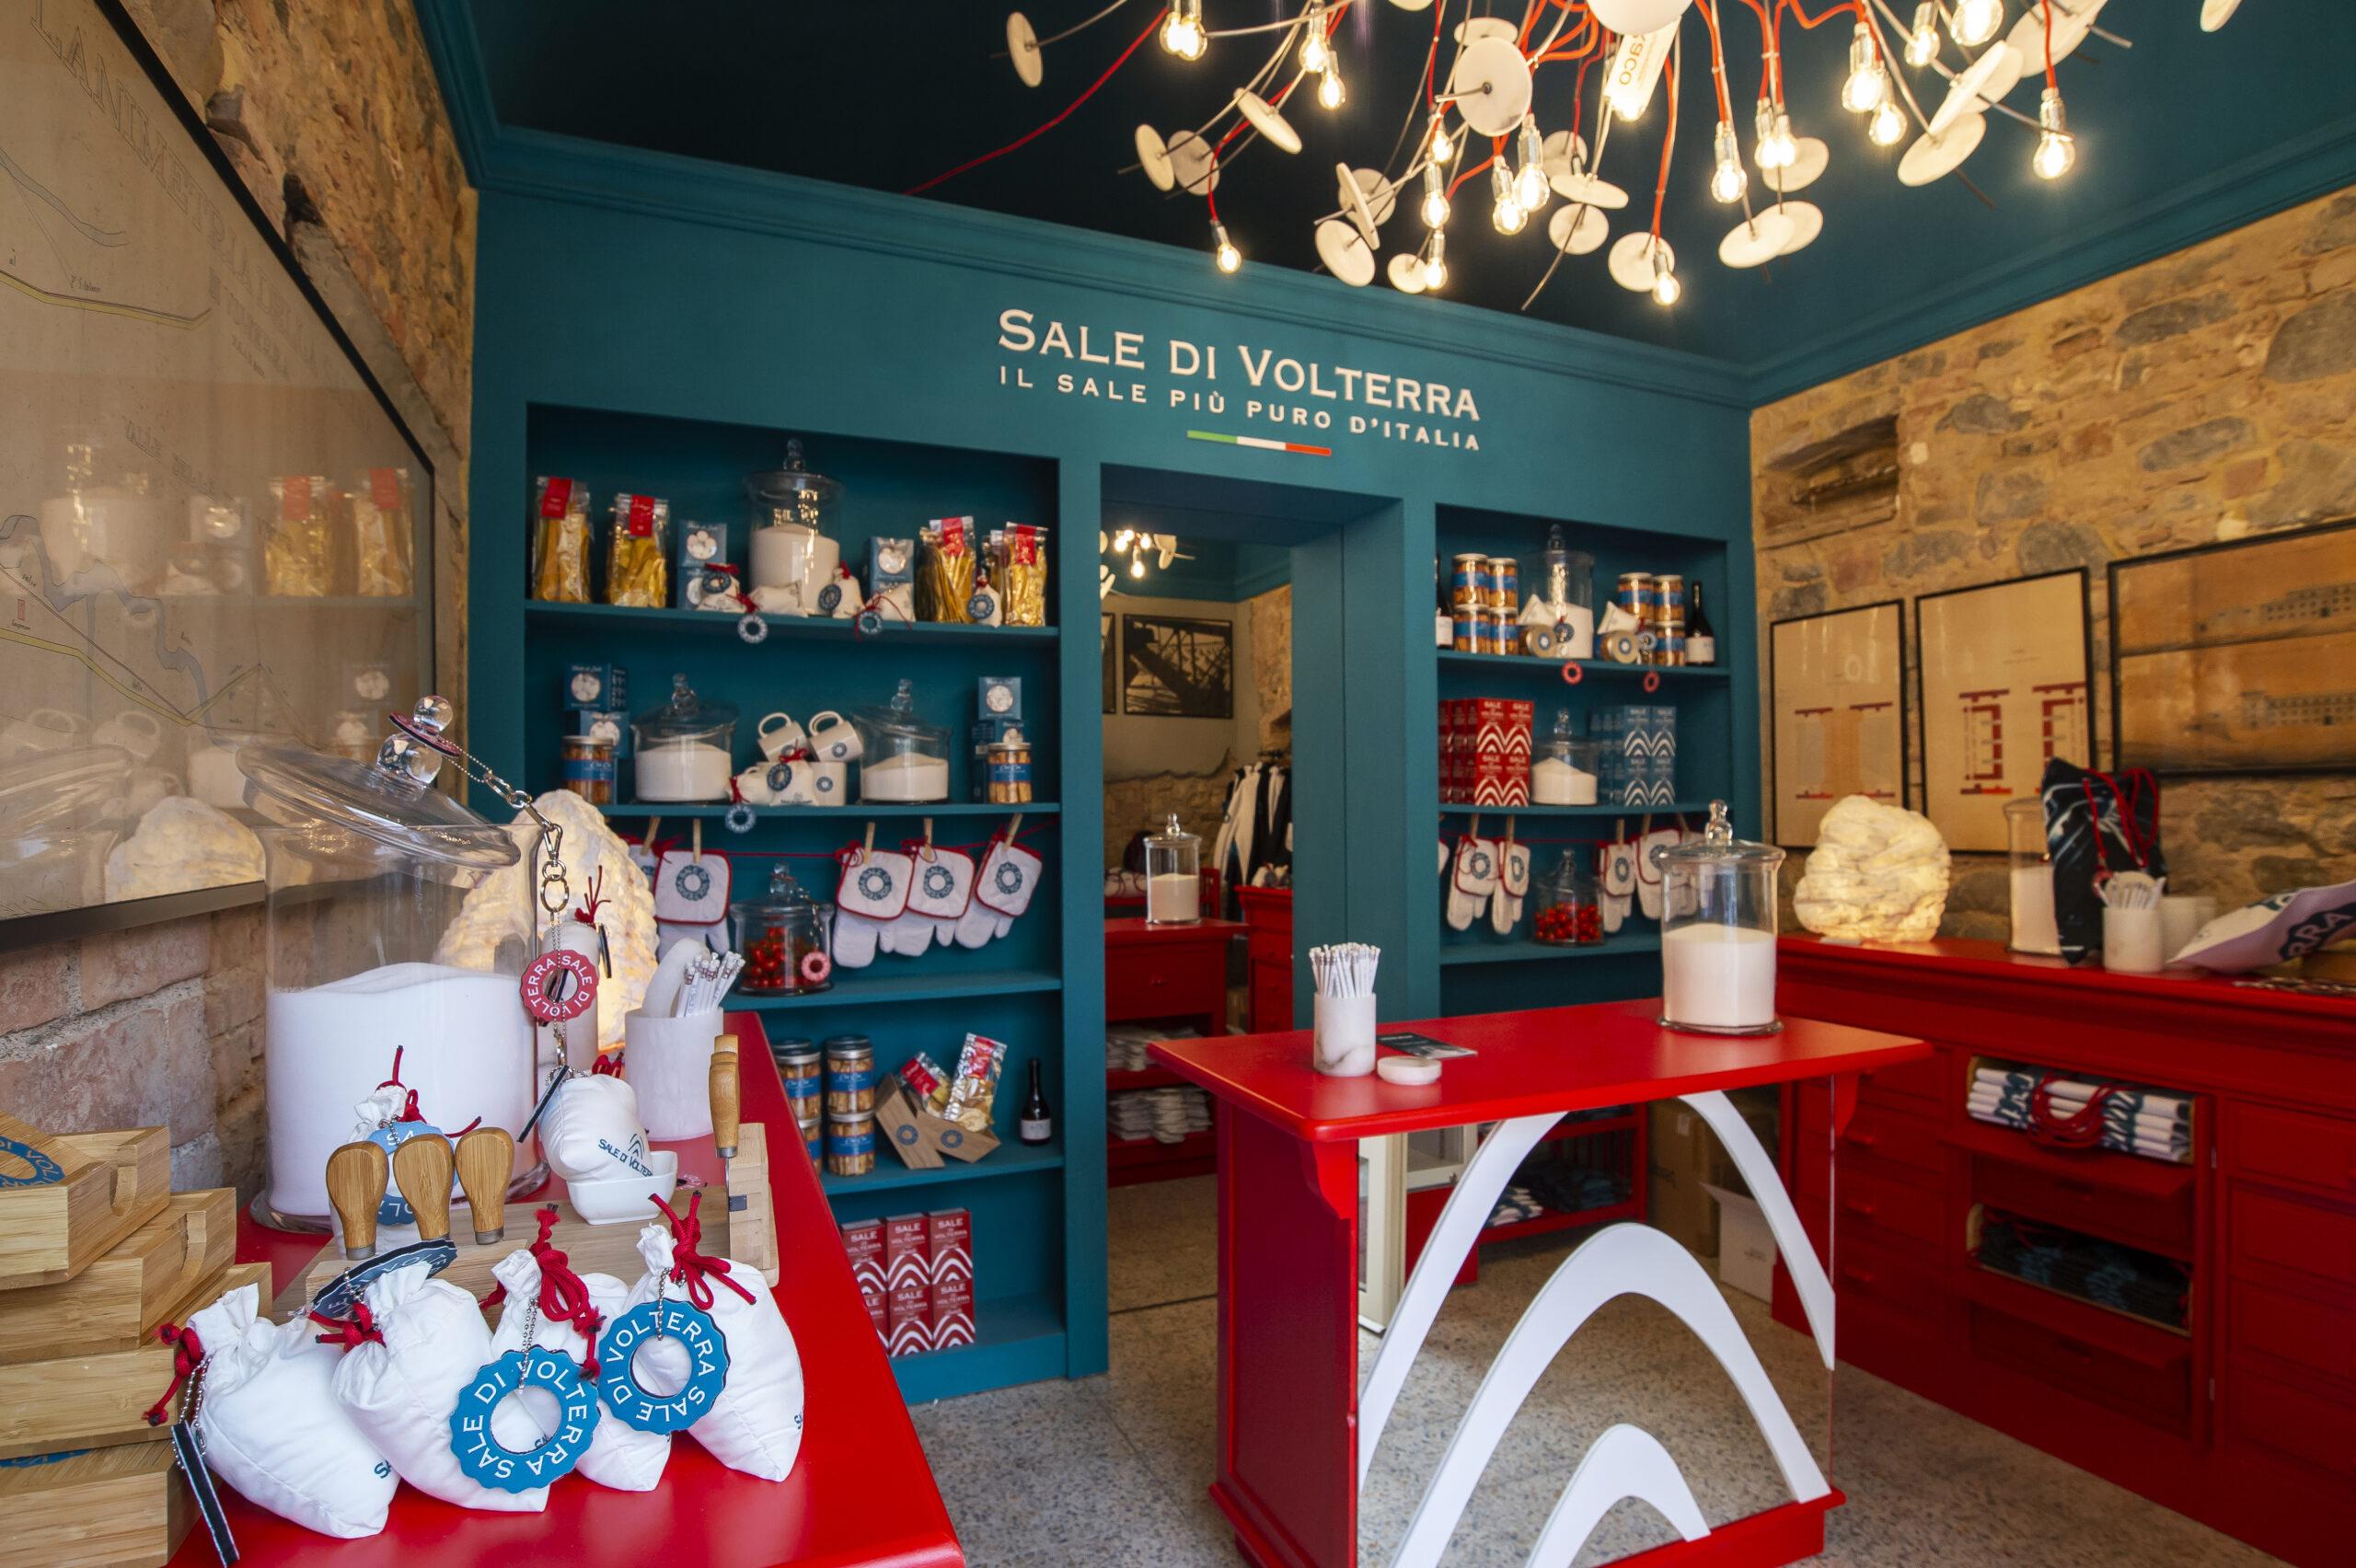 A Lajatico apre la prima boutique del sale di Volterra